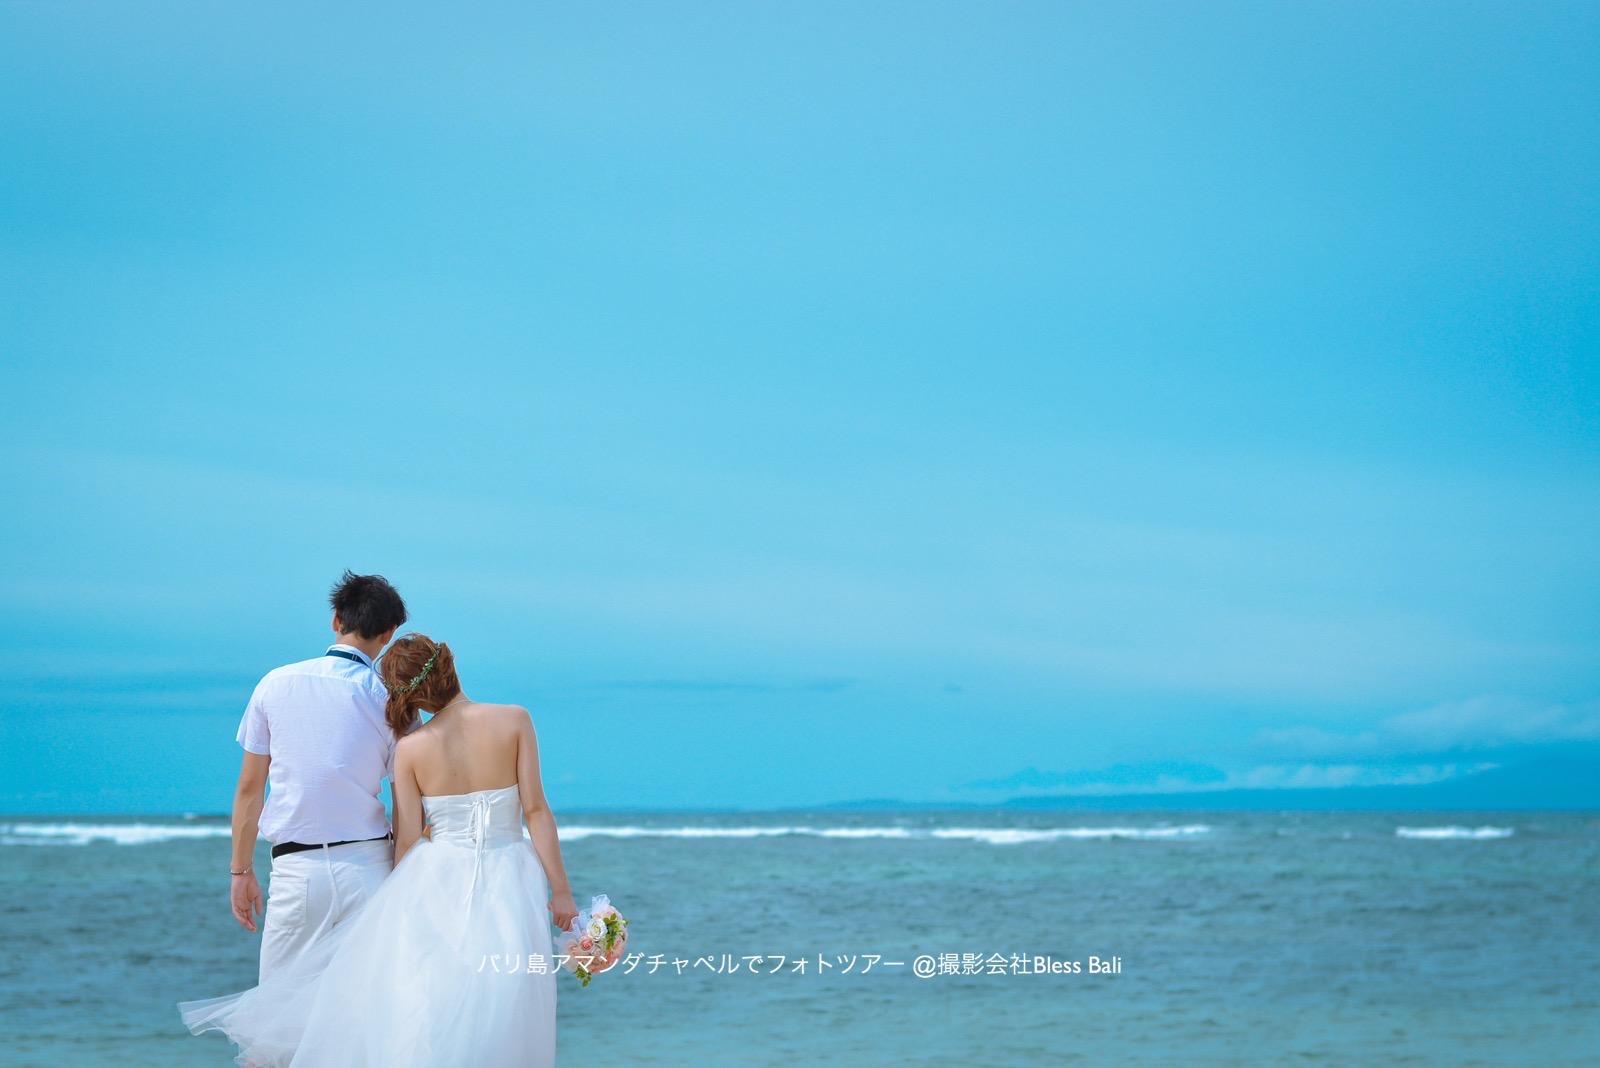 ジンバランビーチの青い空と海を眺めて